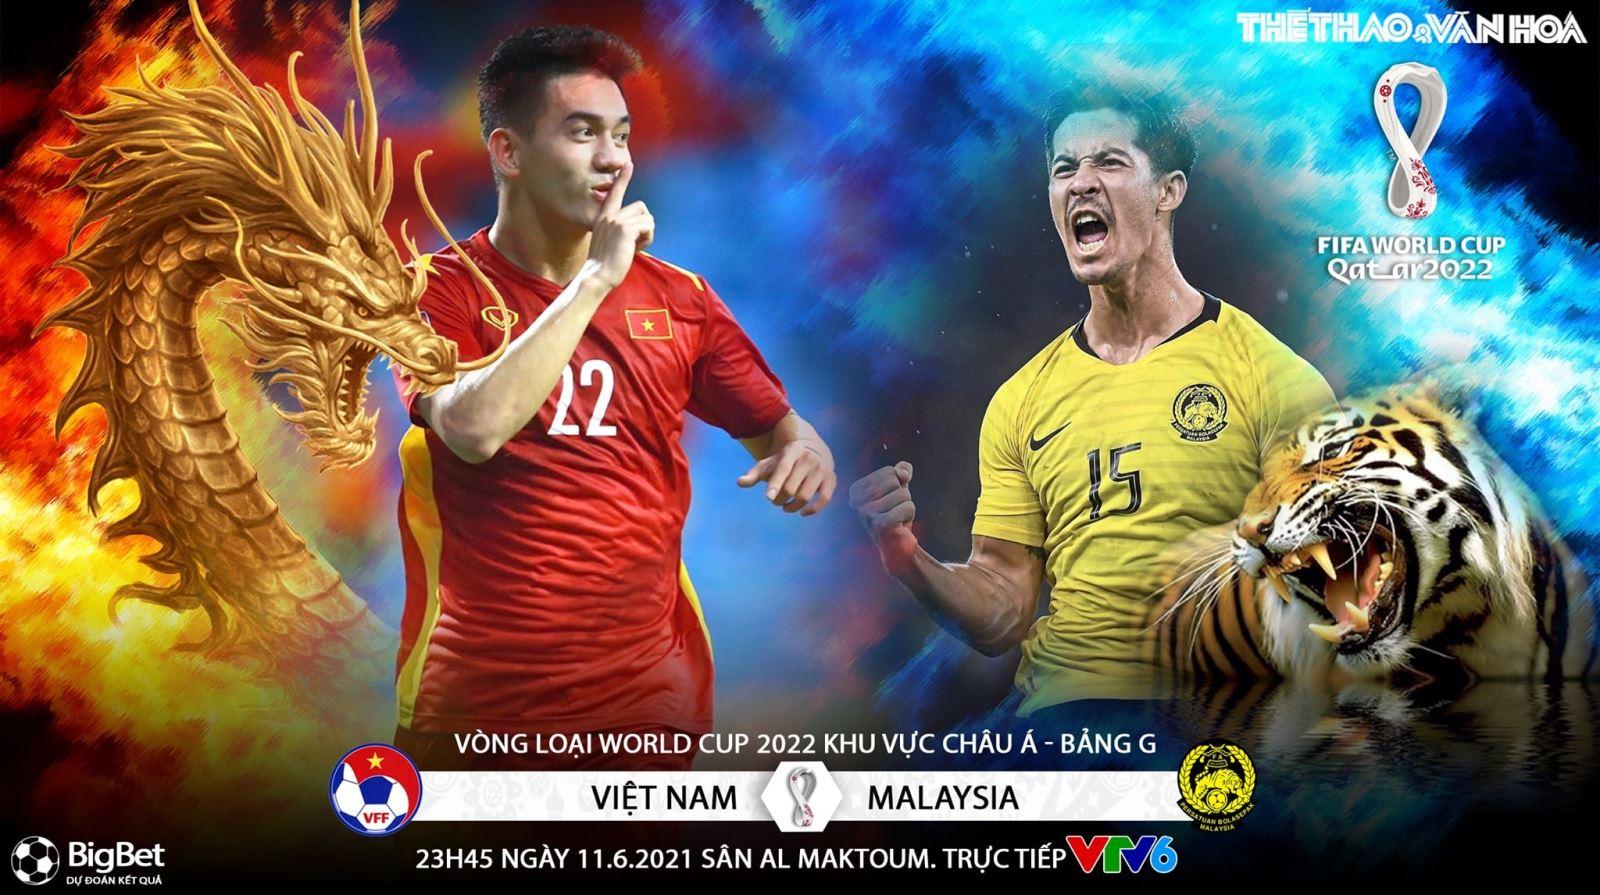 Lịch thi đấu bóng đá Việt Nam vs Malaysia hôm nay. Lịch vòng loại World Cup 2022